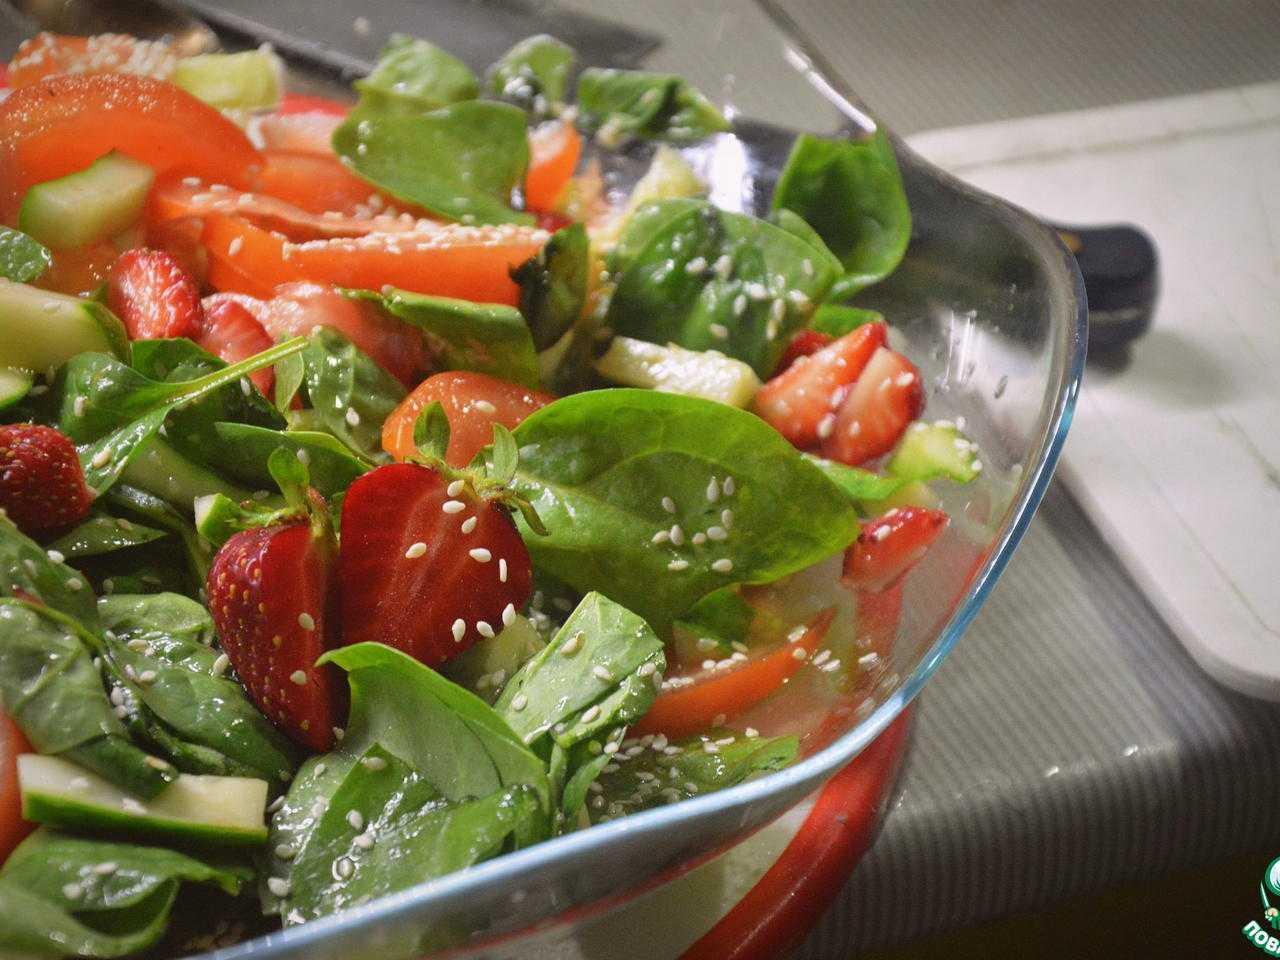 Попробуй салат Лето: поиск по ингредиентам, советы, отзывы, пошаговые фото, подсчет калорий, удобная печать, изменение порций, похожие рецепты